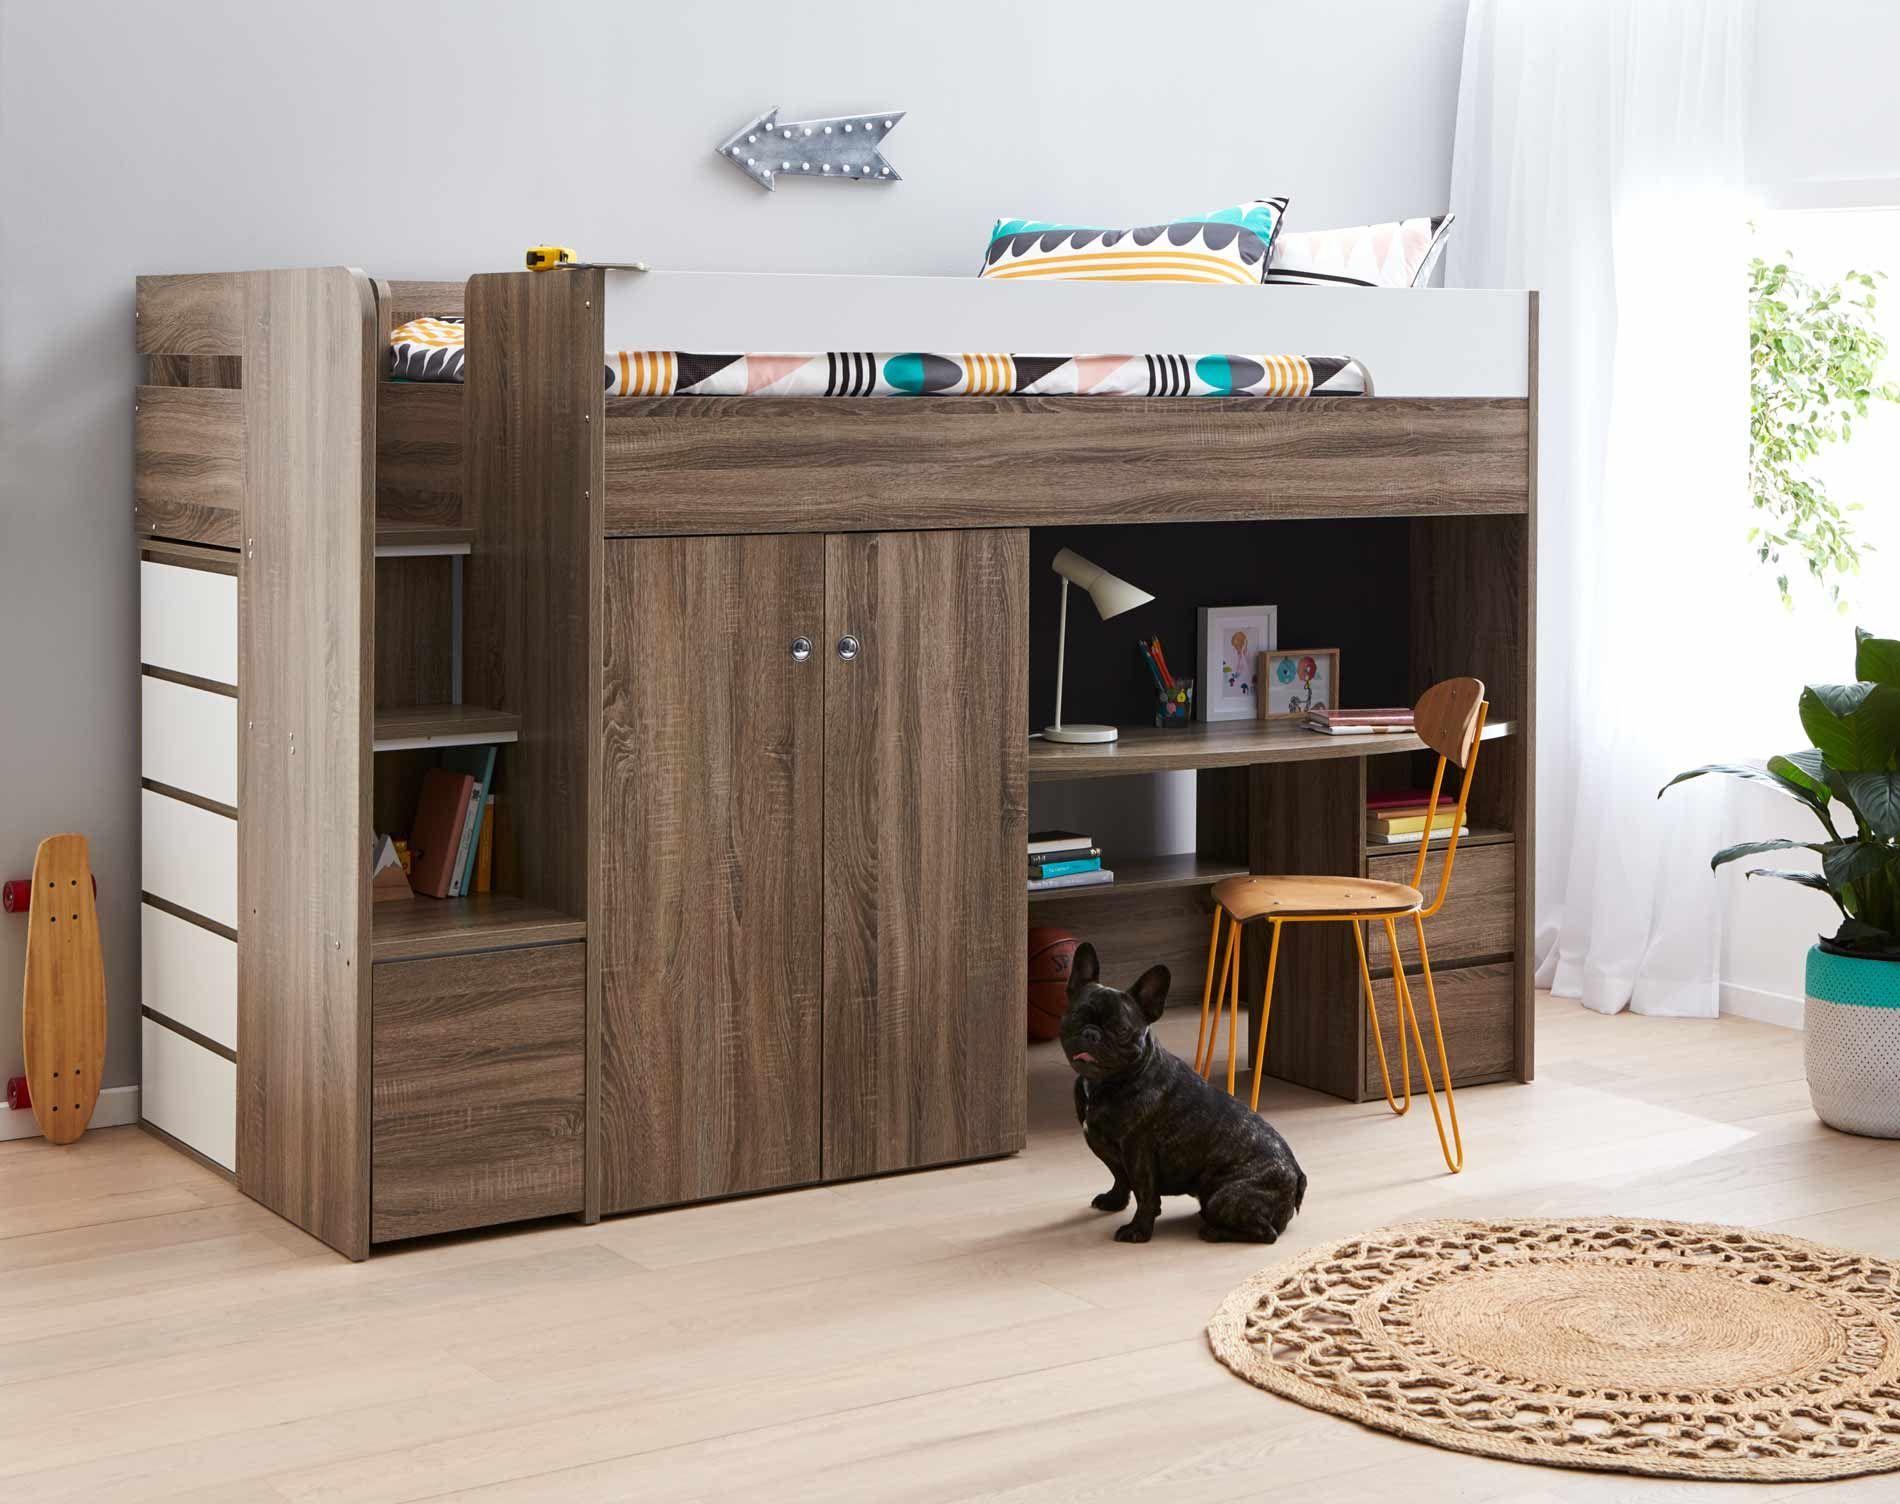 Loft bed with desk ideas QUANTUM KSB LOFT BED WSTAIR DRAWER u DESK image   James